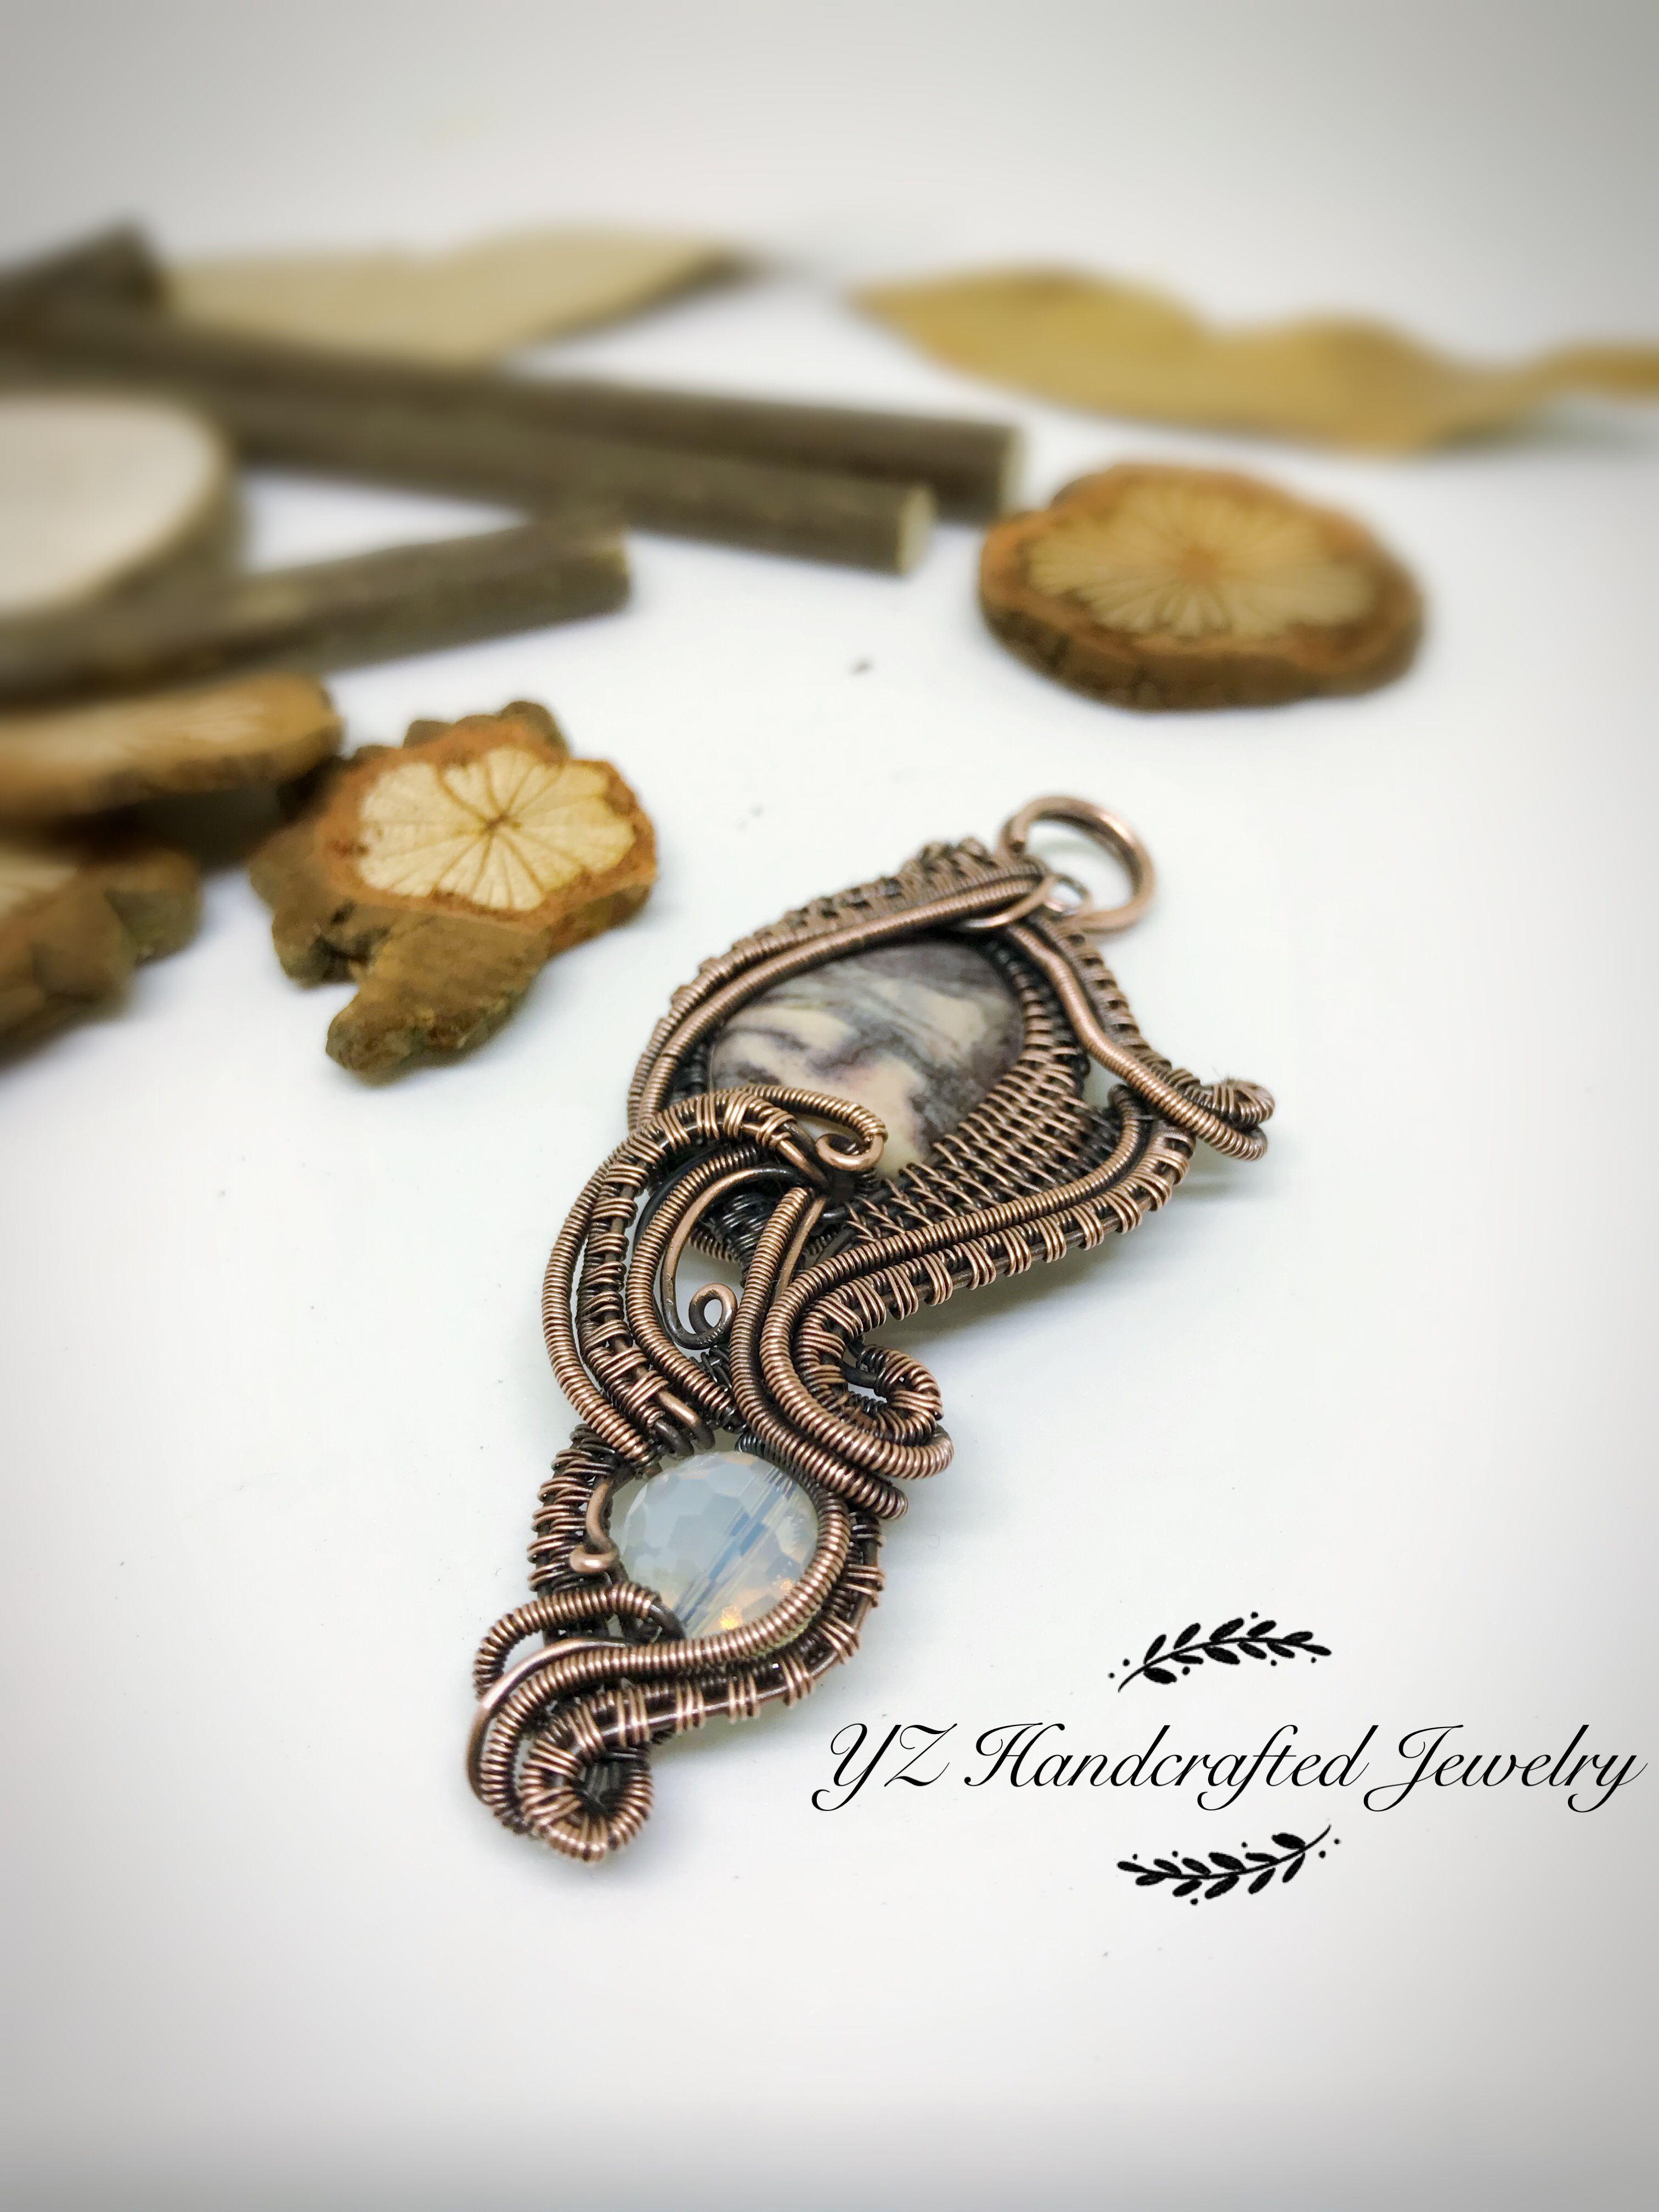 Pin by NIKKI YZ on Nikki Z Jewelry | Pinterest | Wire wrapping, Wire ...